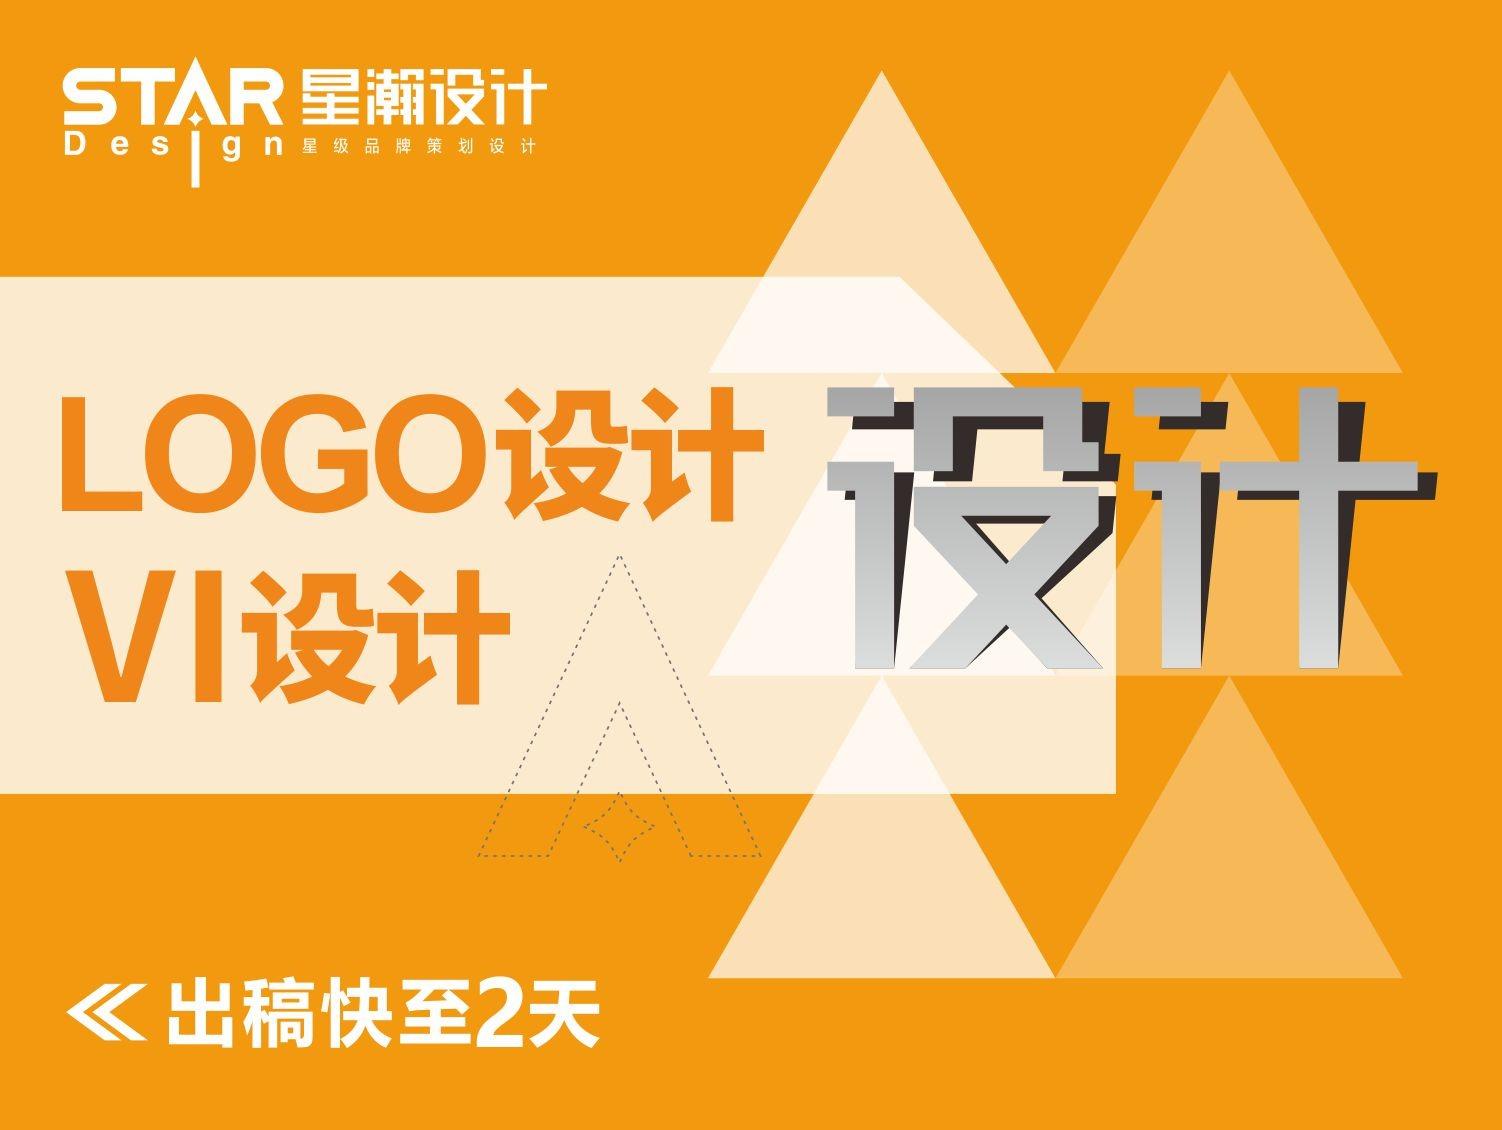 品牌设计策划、标志设计、logo设计、VI设计